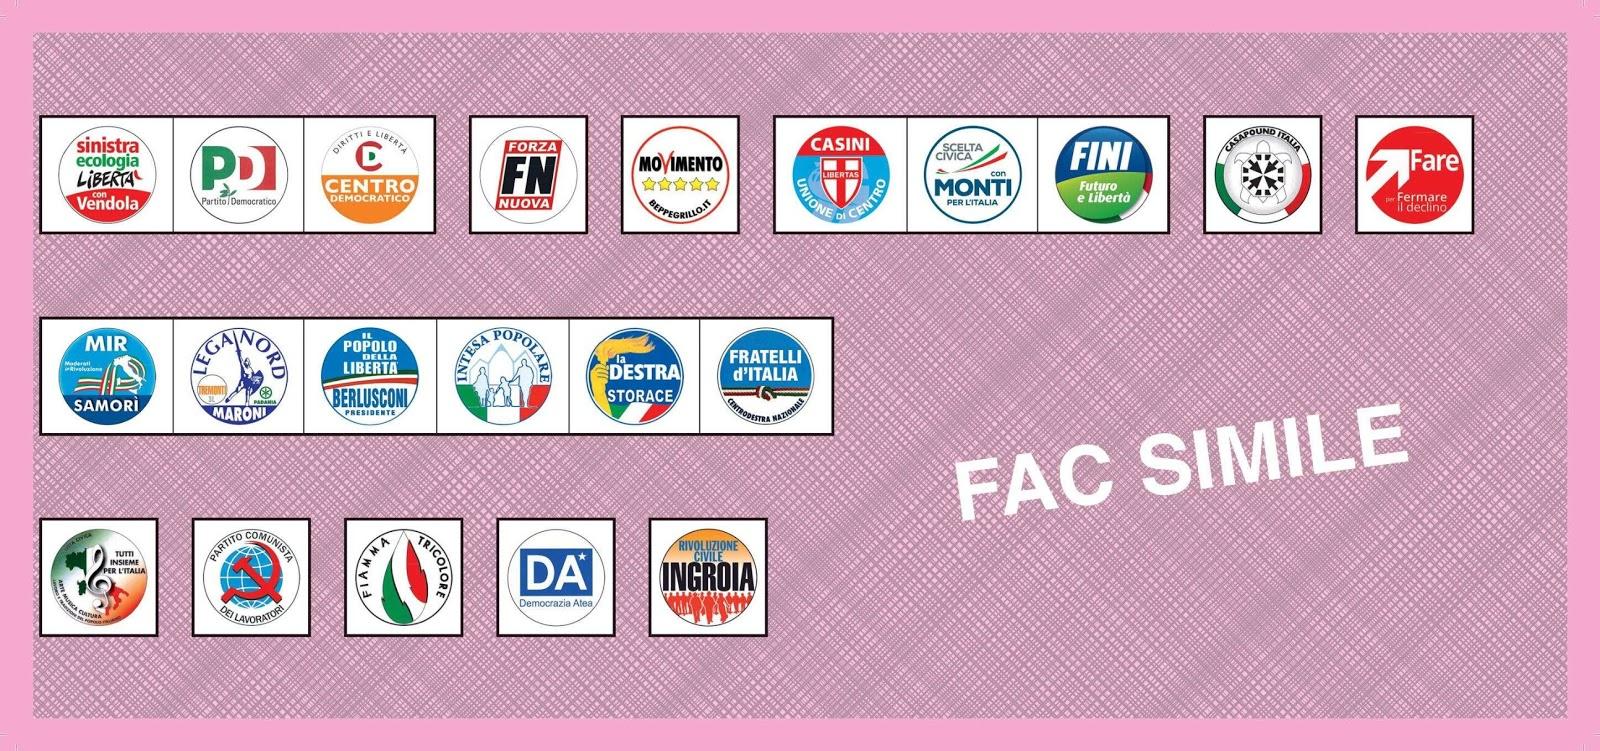 elezioni regionali lazio 2013 candidati viterbo - photo#36